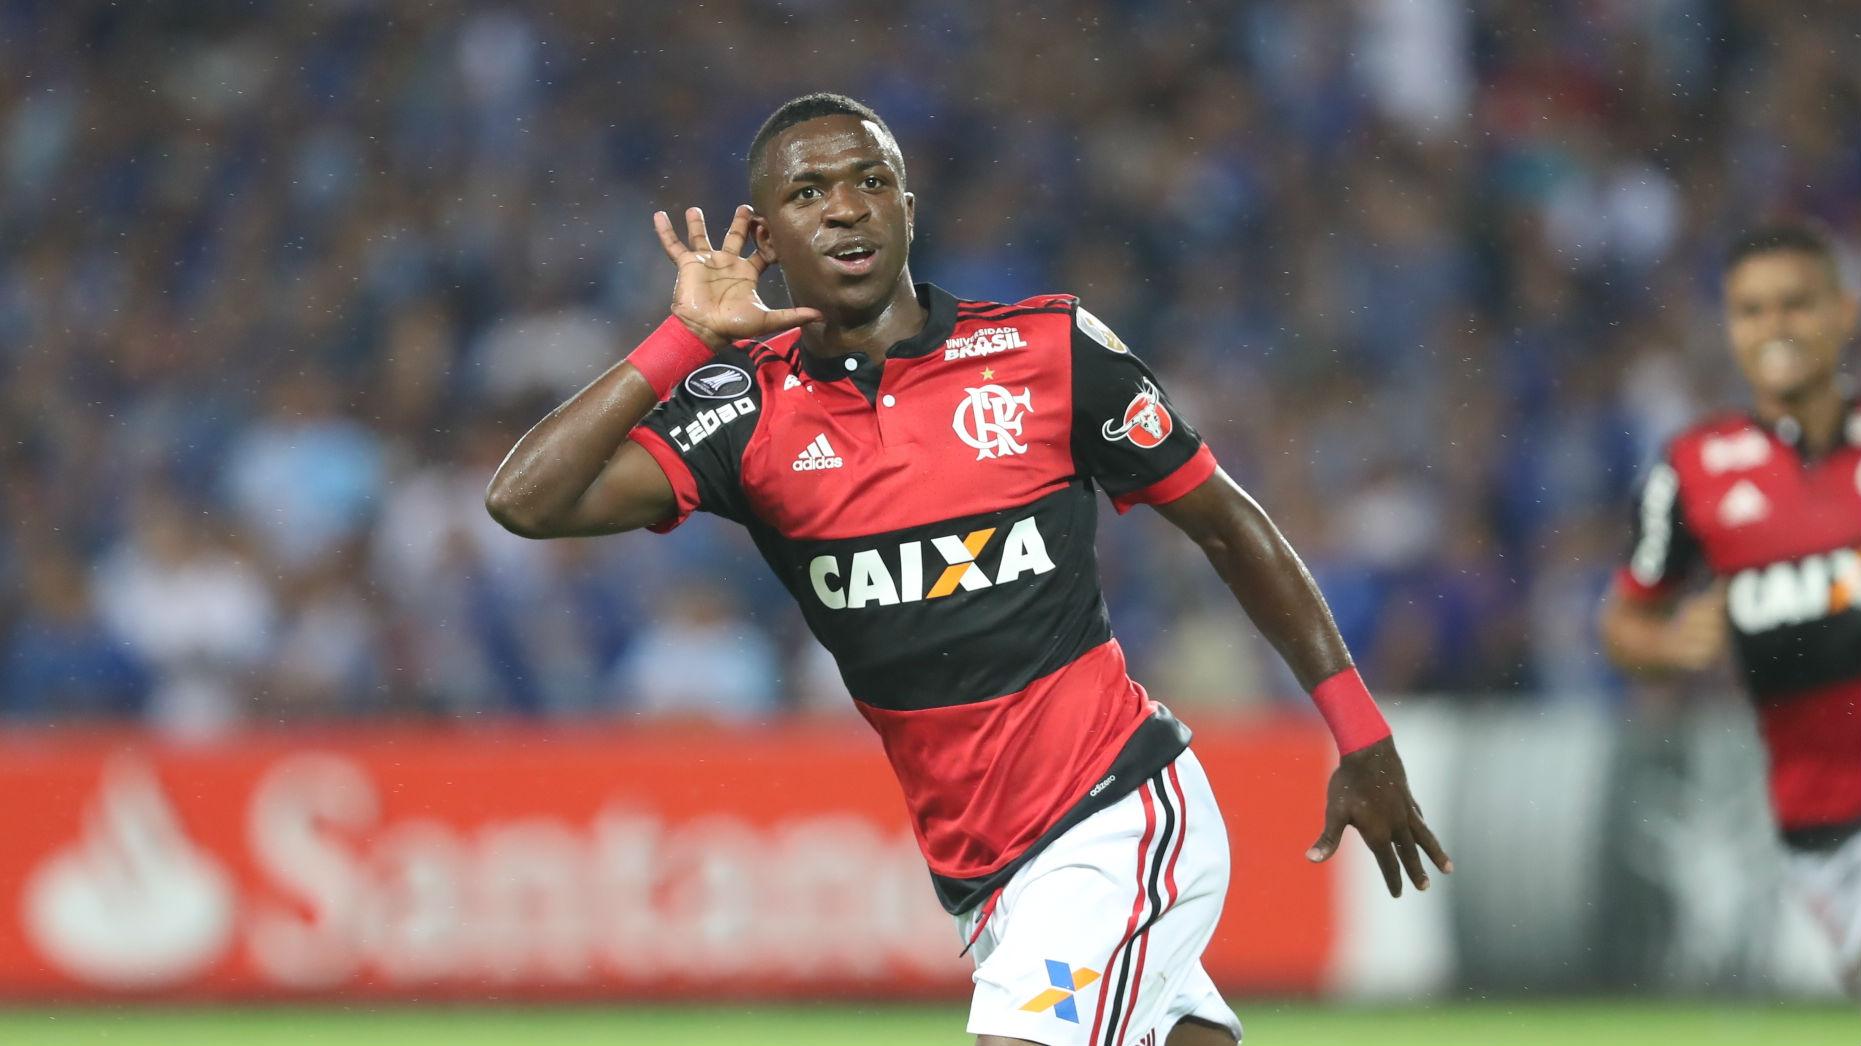 Vinícius Junior Flamengo Emelec Libertadores 15 03 2018